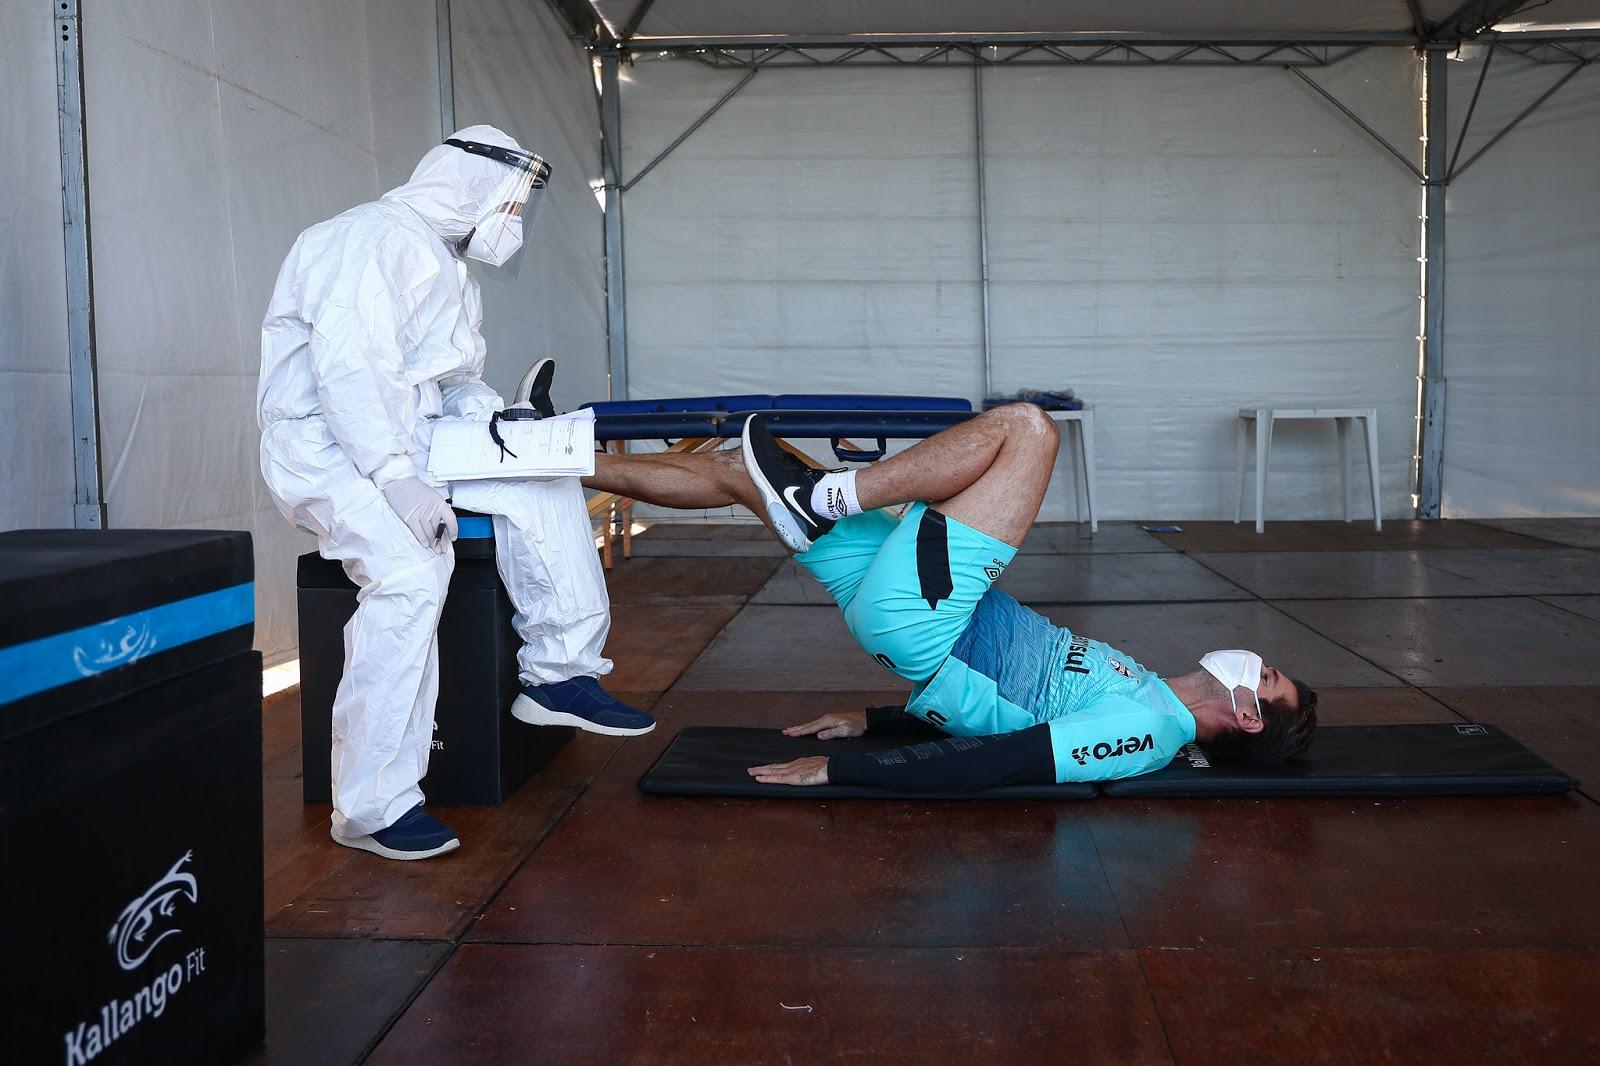 Grêmio, de Porto Alegre, volta aos treinos físicos; treinador acompanha pela internet